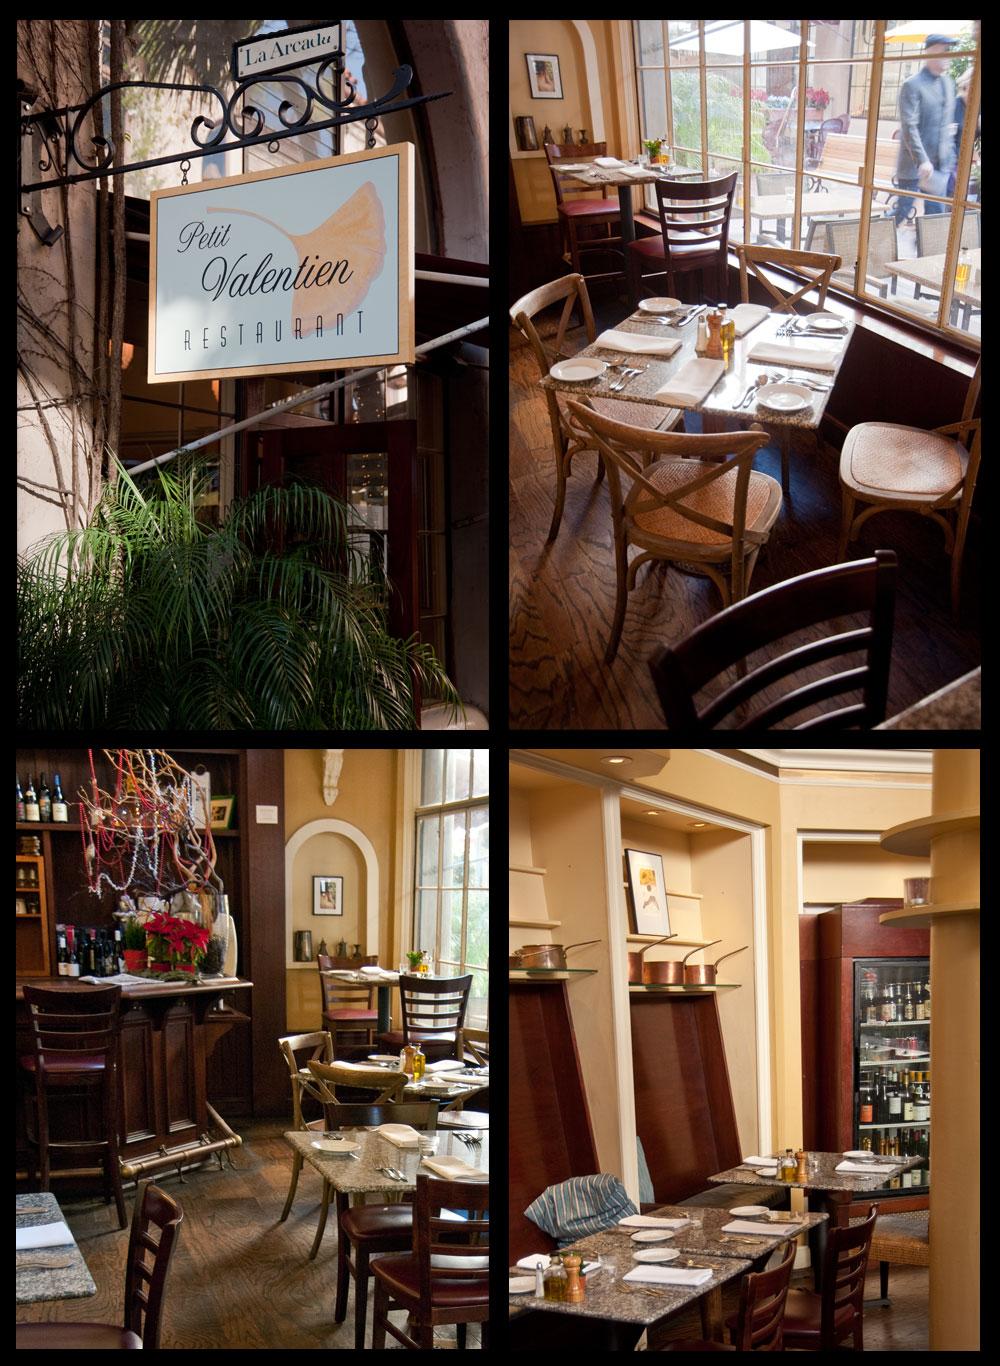 Petit Valentien Restaurant Santa Barbara